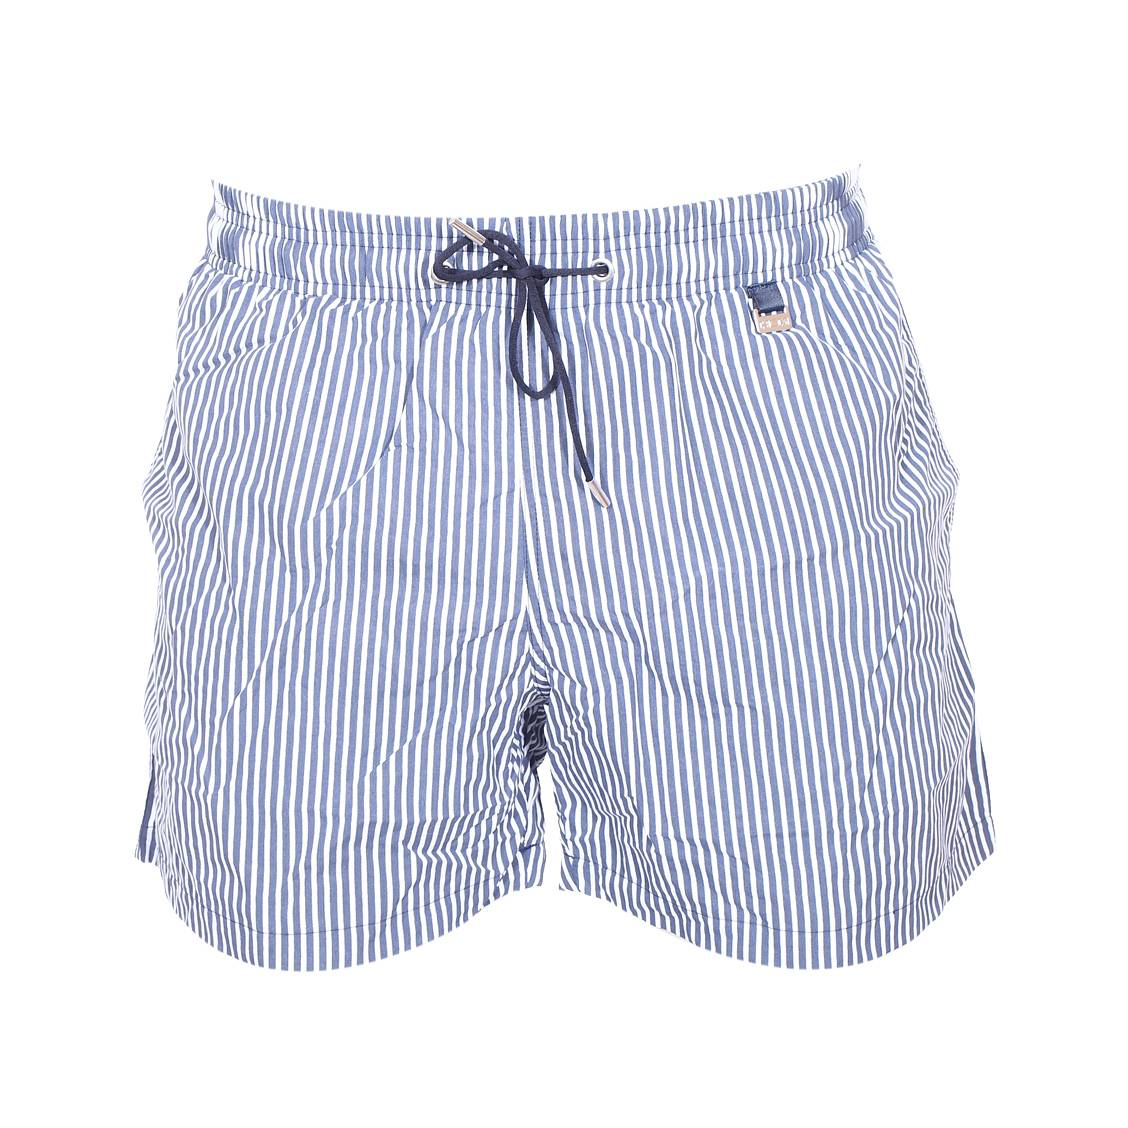 145cc3c5c96 Short de bain Hom Splash à rayures bleu marine et blanches ...